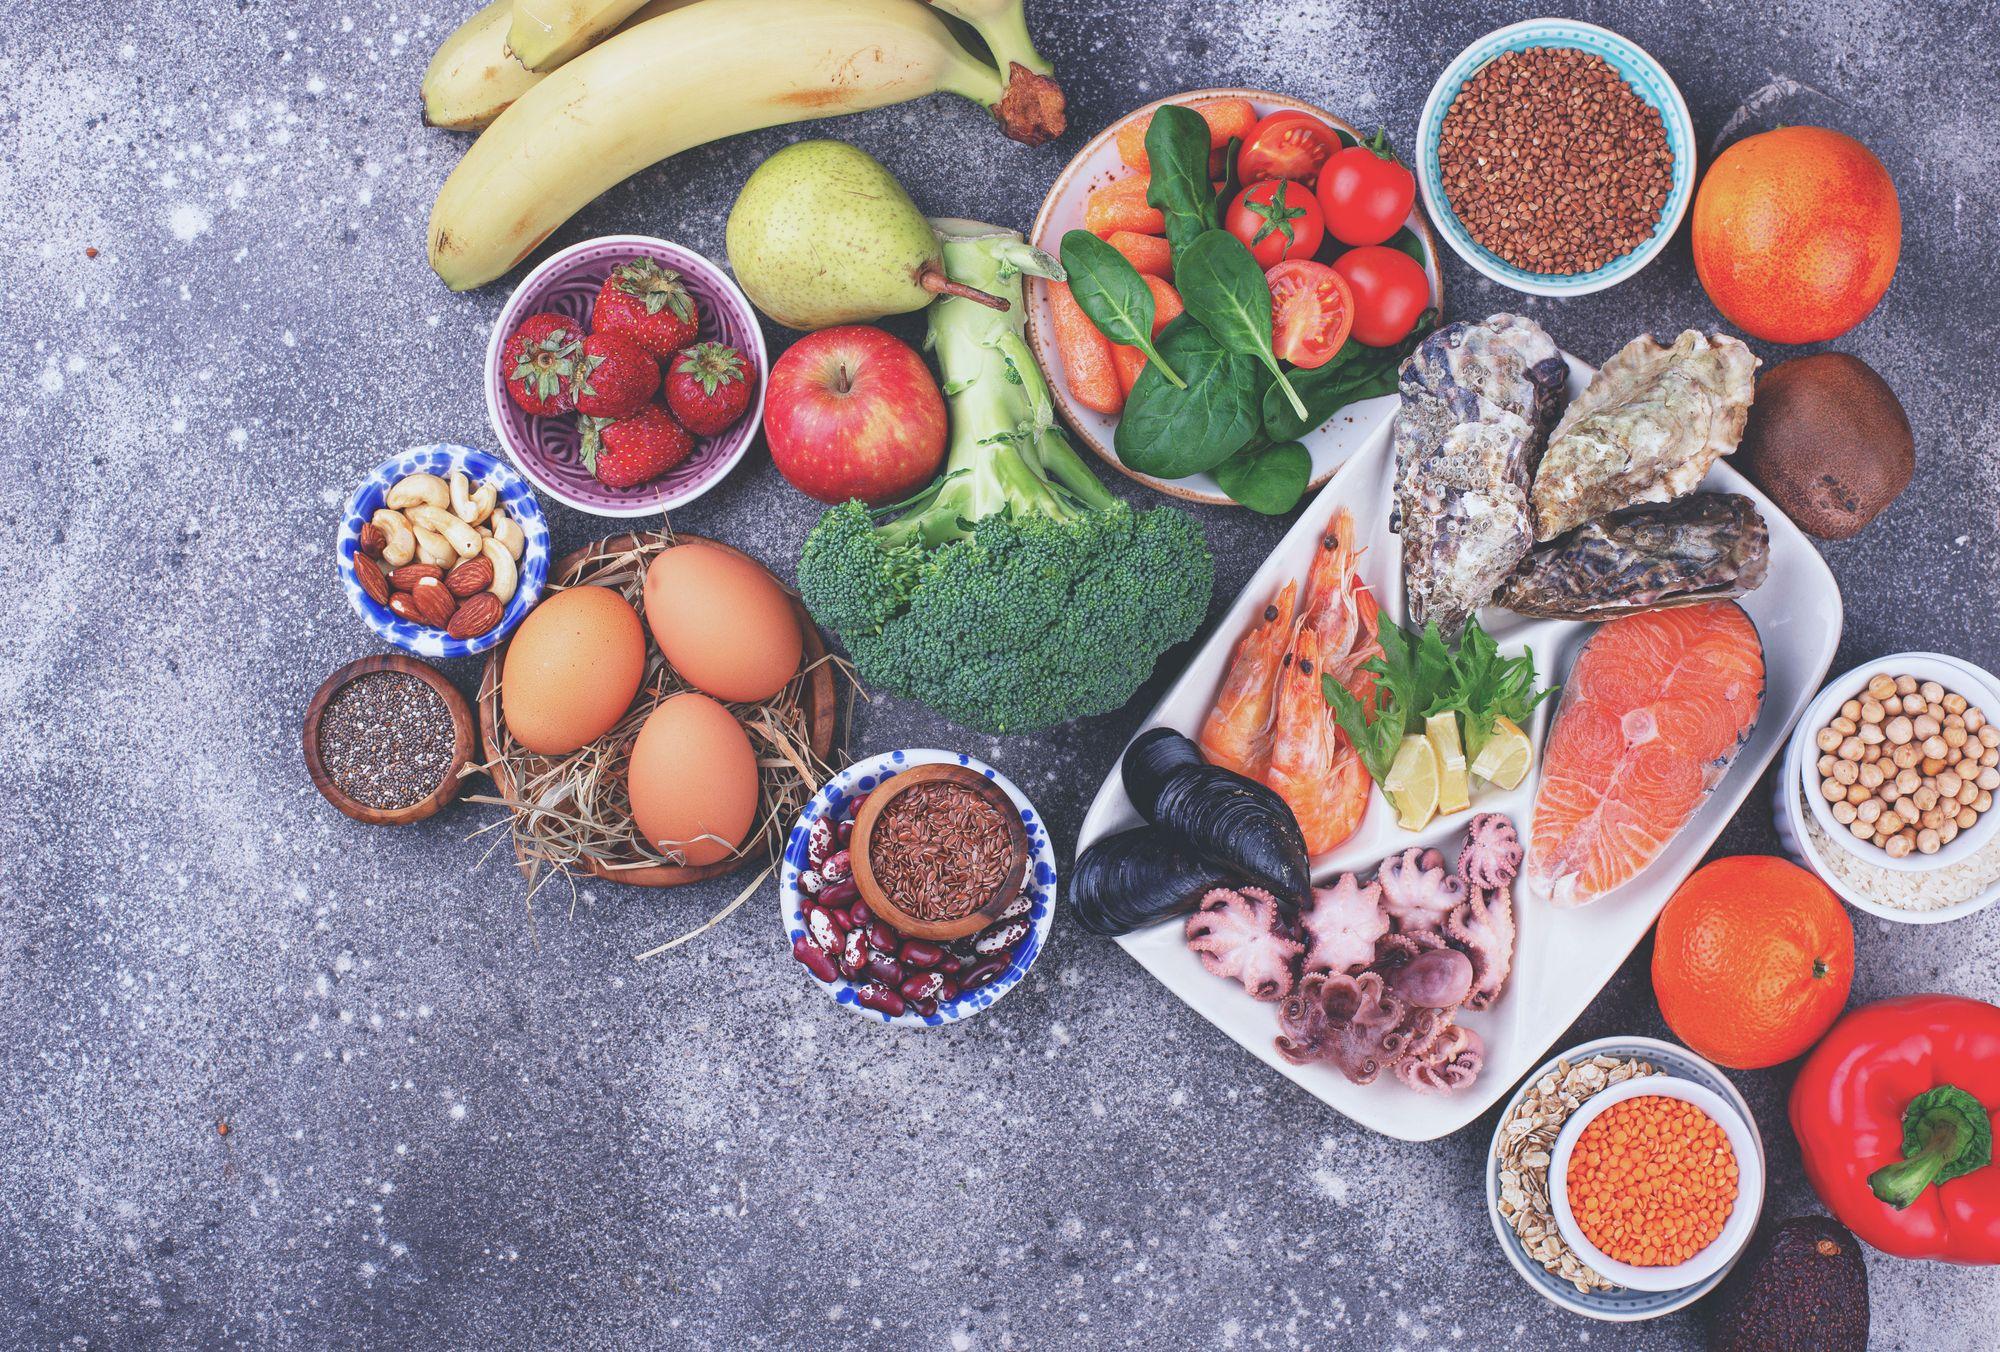 Food of healthy foods